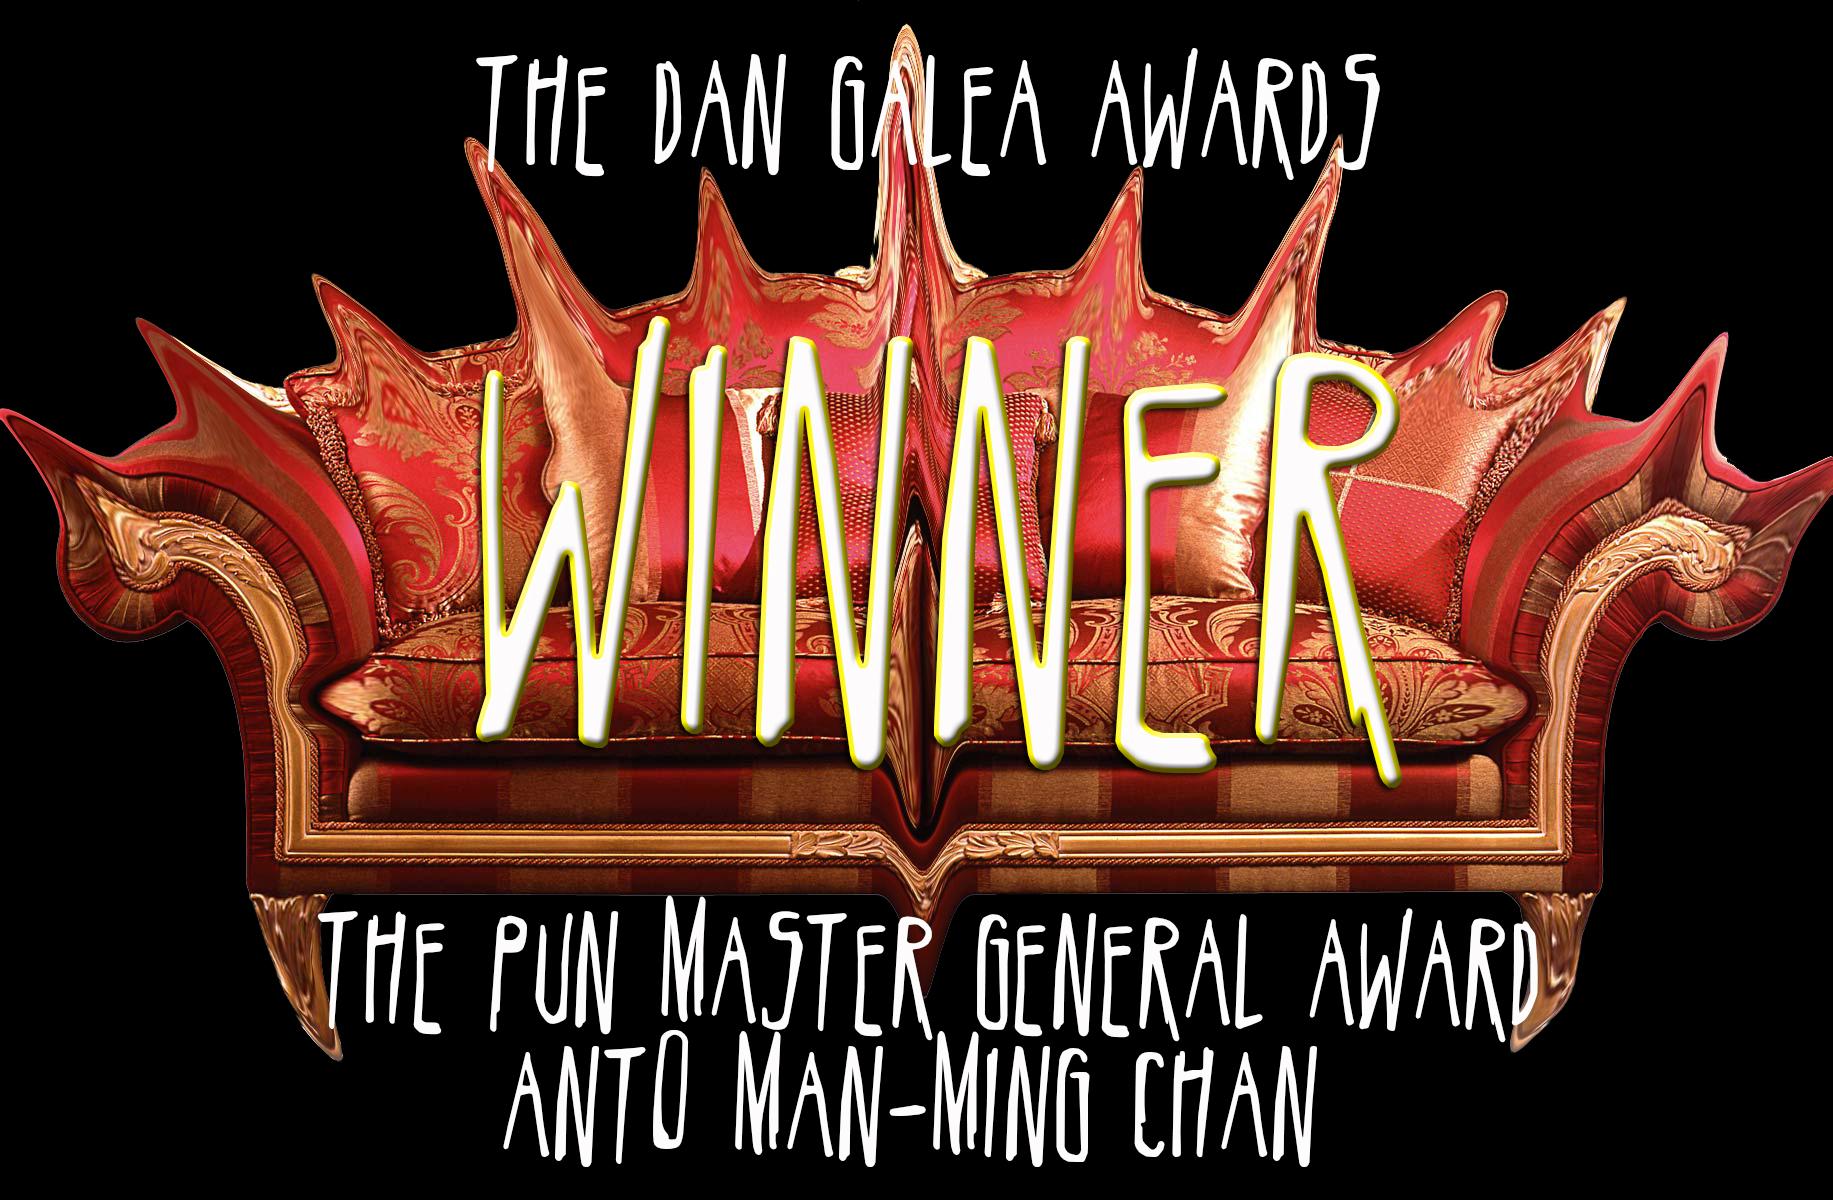 DGawards Anto Man Ming Chan.jpg